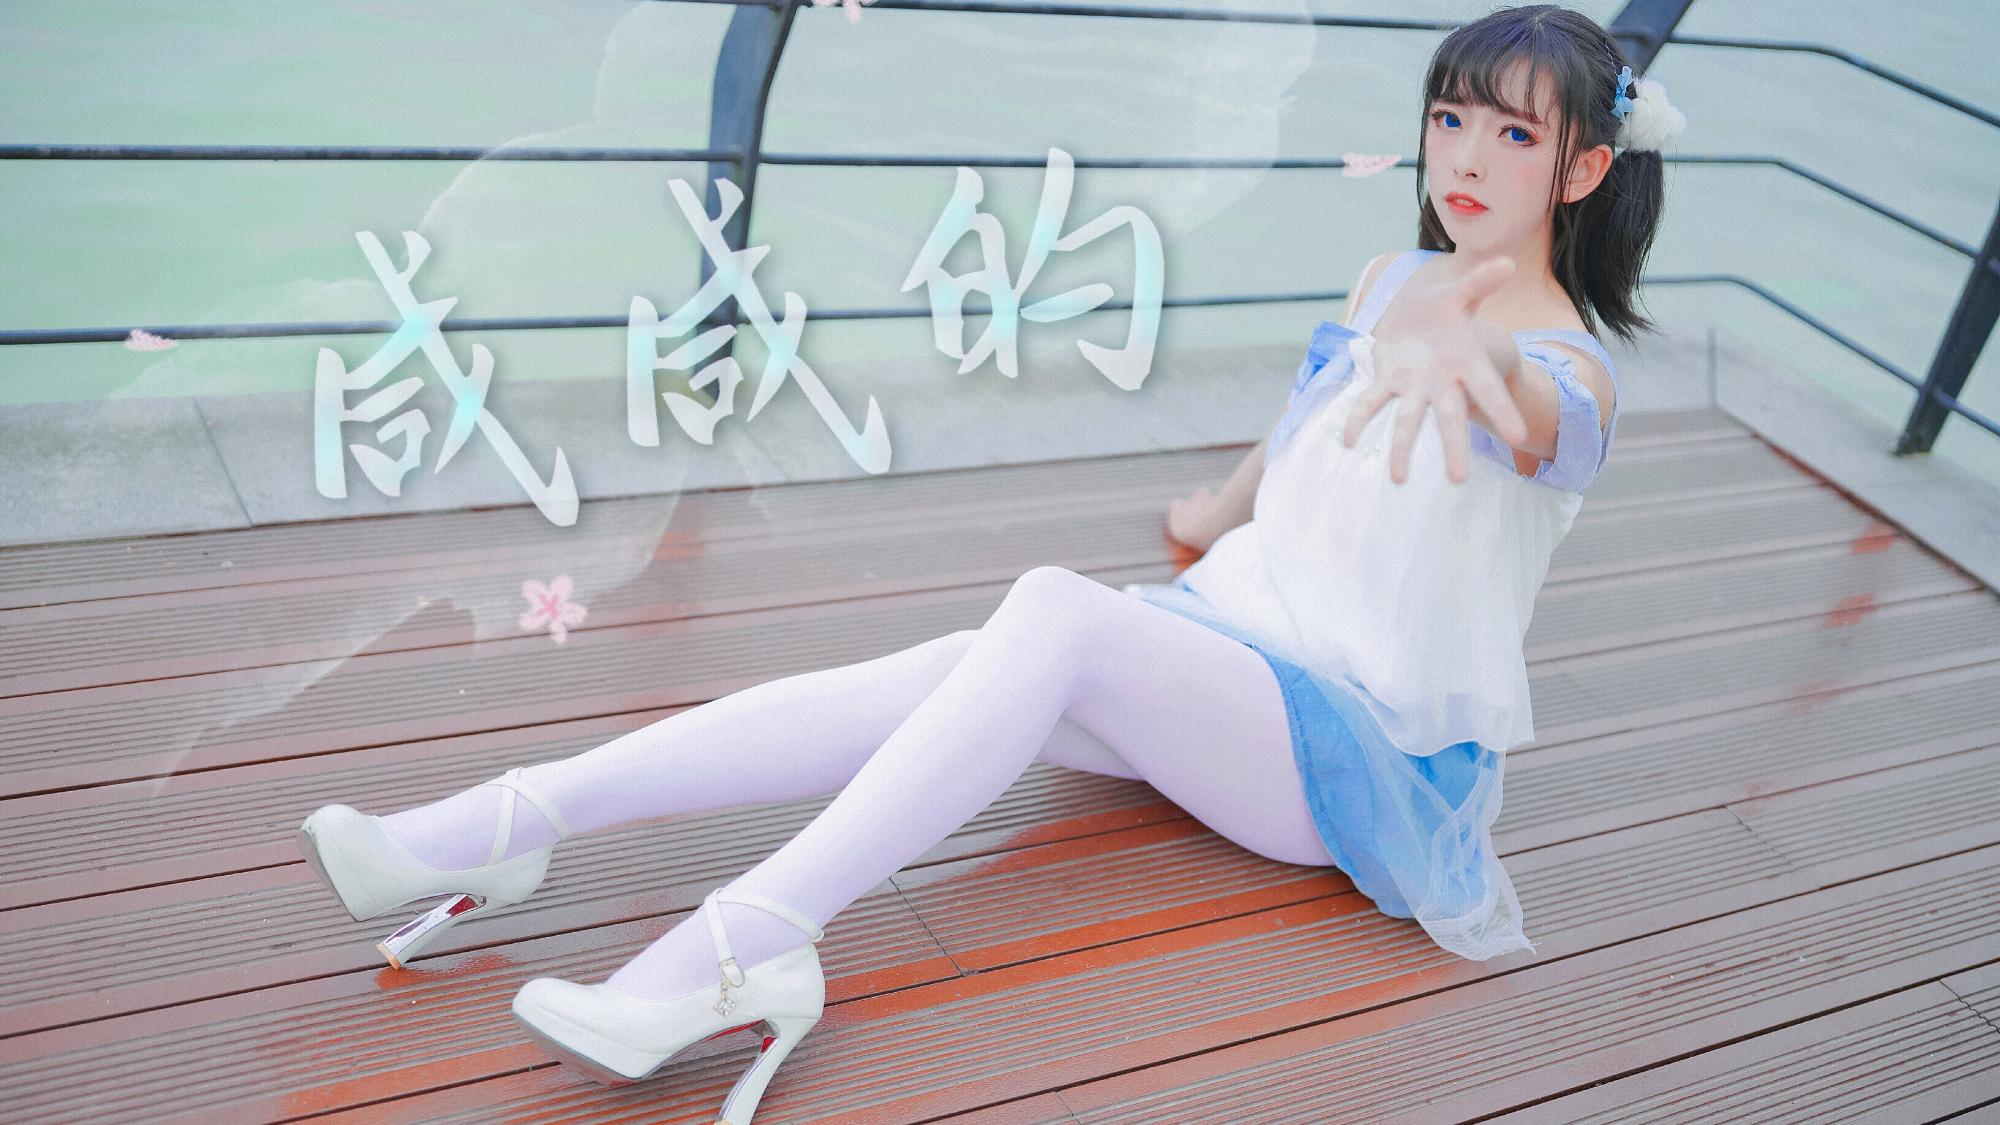 【翎霜】咸咸的️这个夏天我等你......【原创编舞】